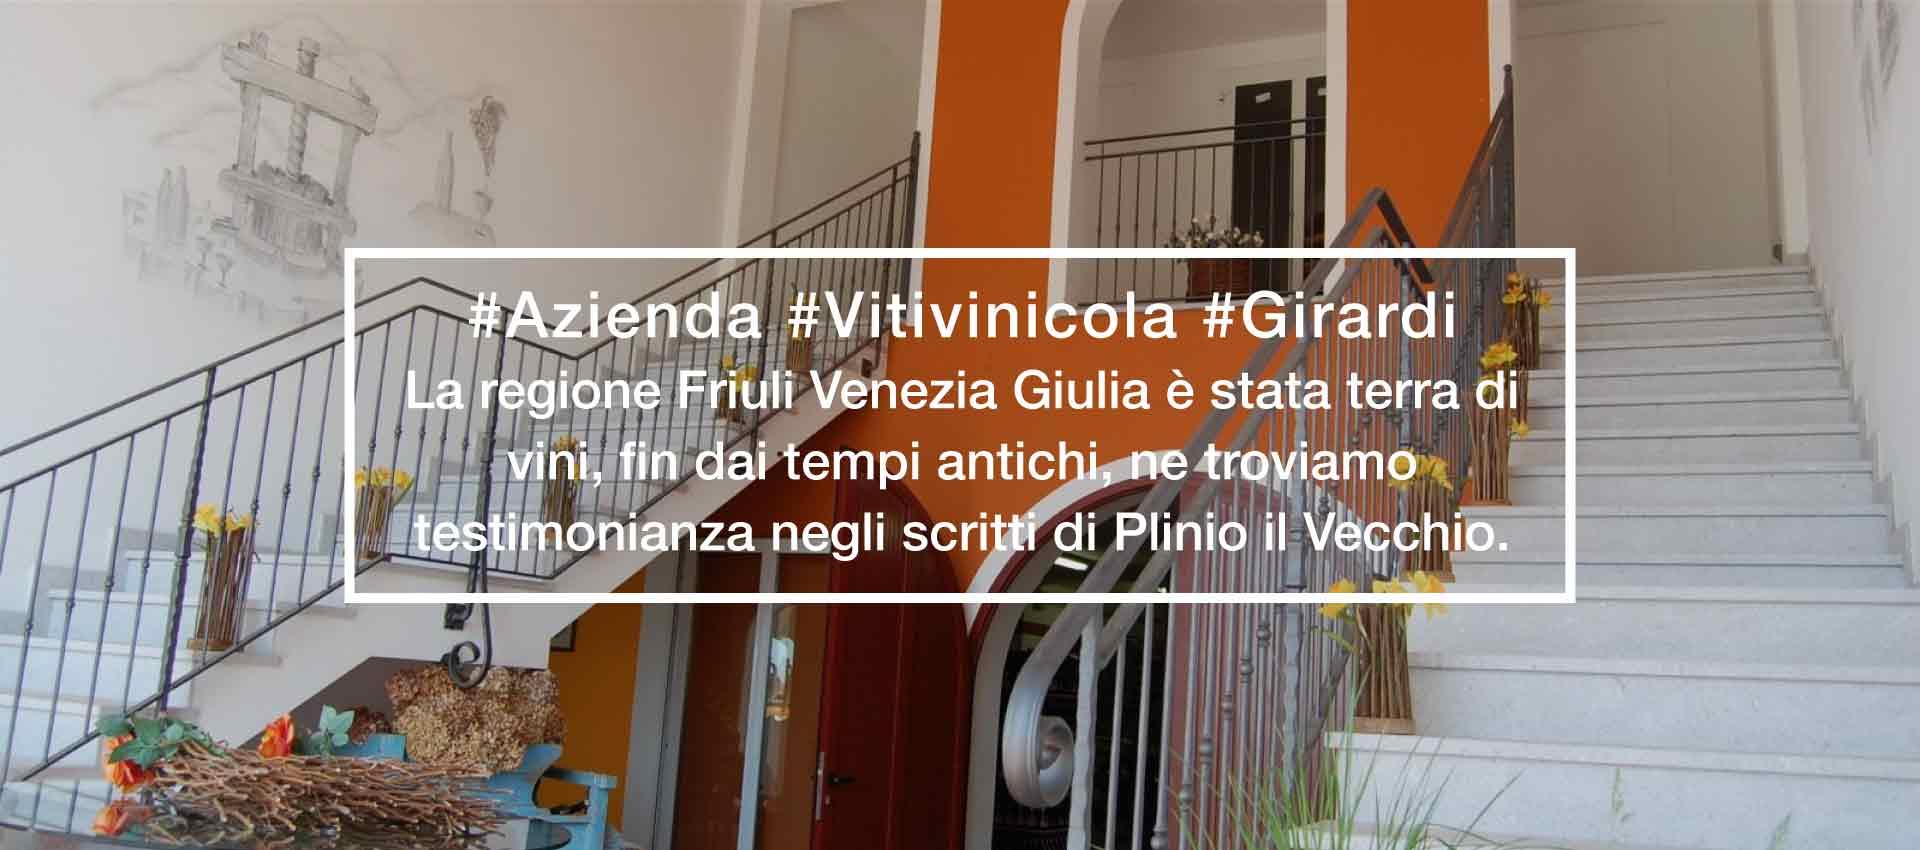 Azienda-vitivinicola-Girardi-Grado